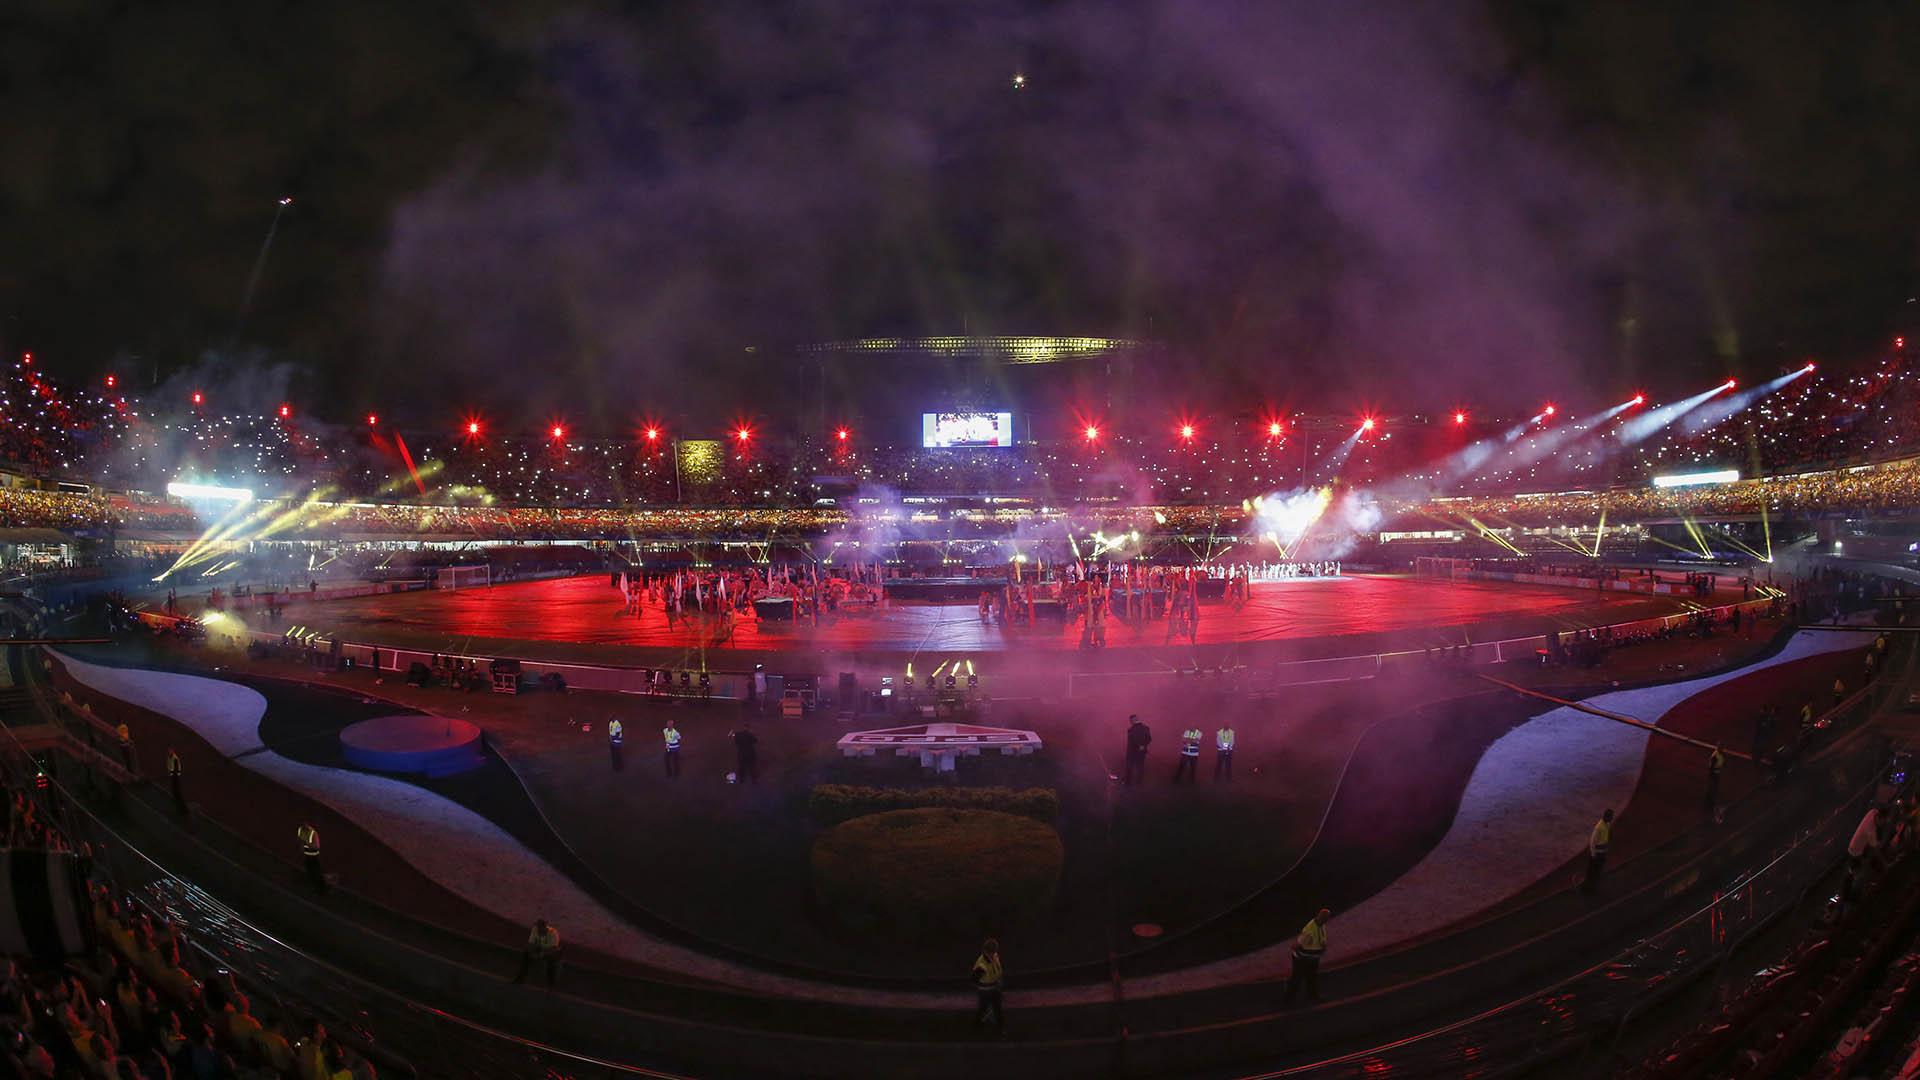 El Estadio Morumbí tiene capacidad para 72 mil personas